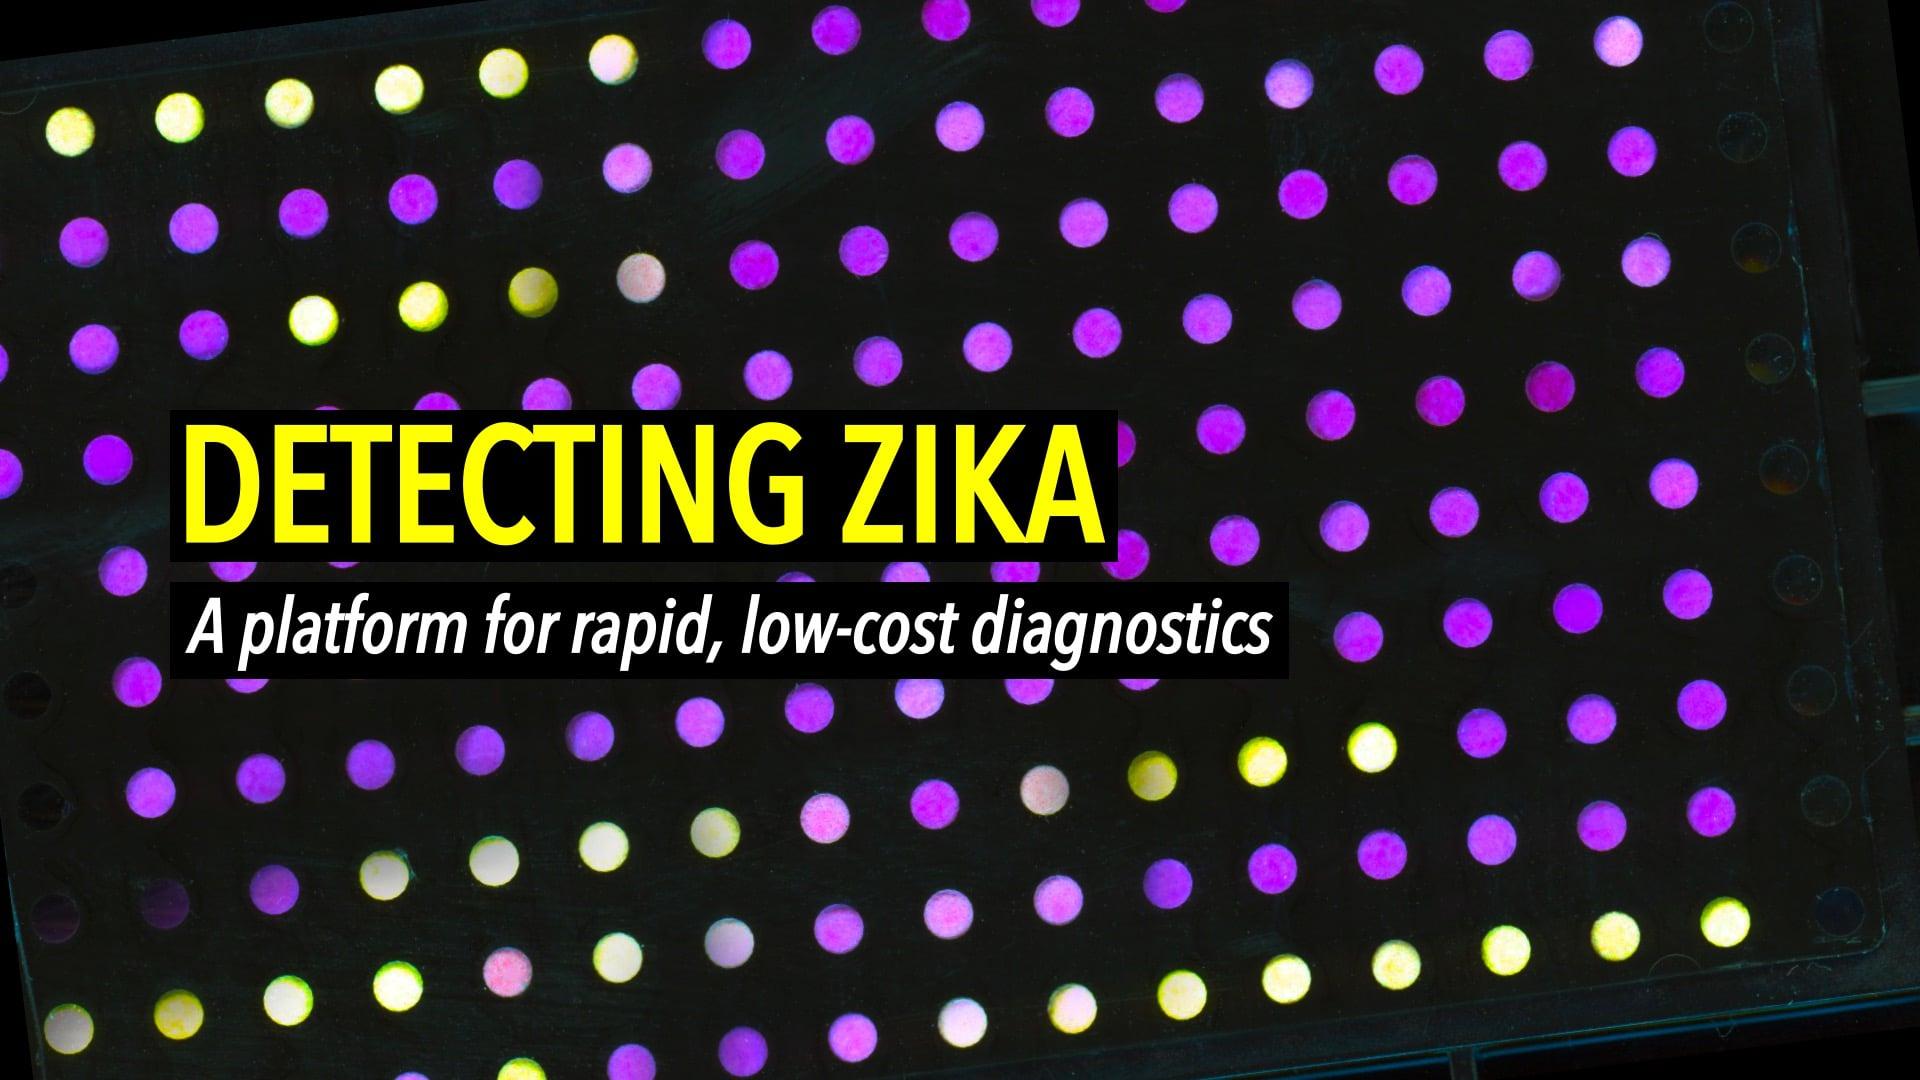 Detecting Zika: A platform for rapid, low-cost diagnostics